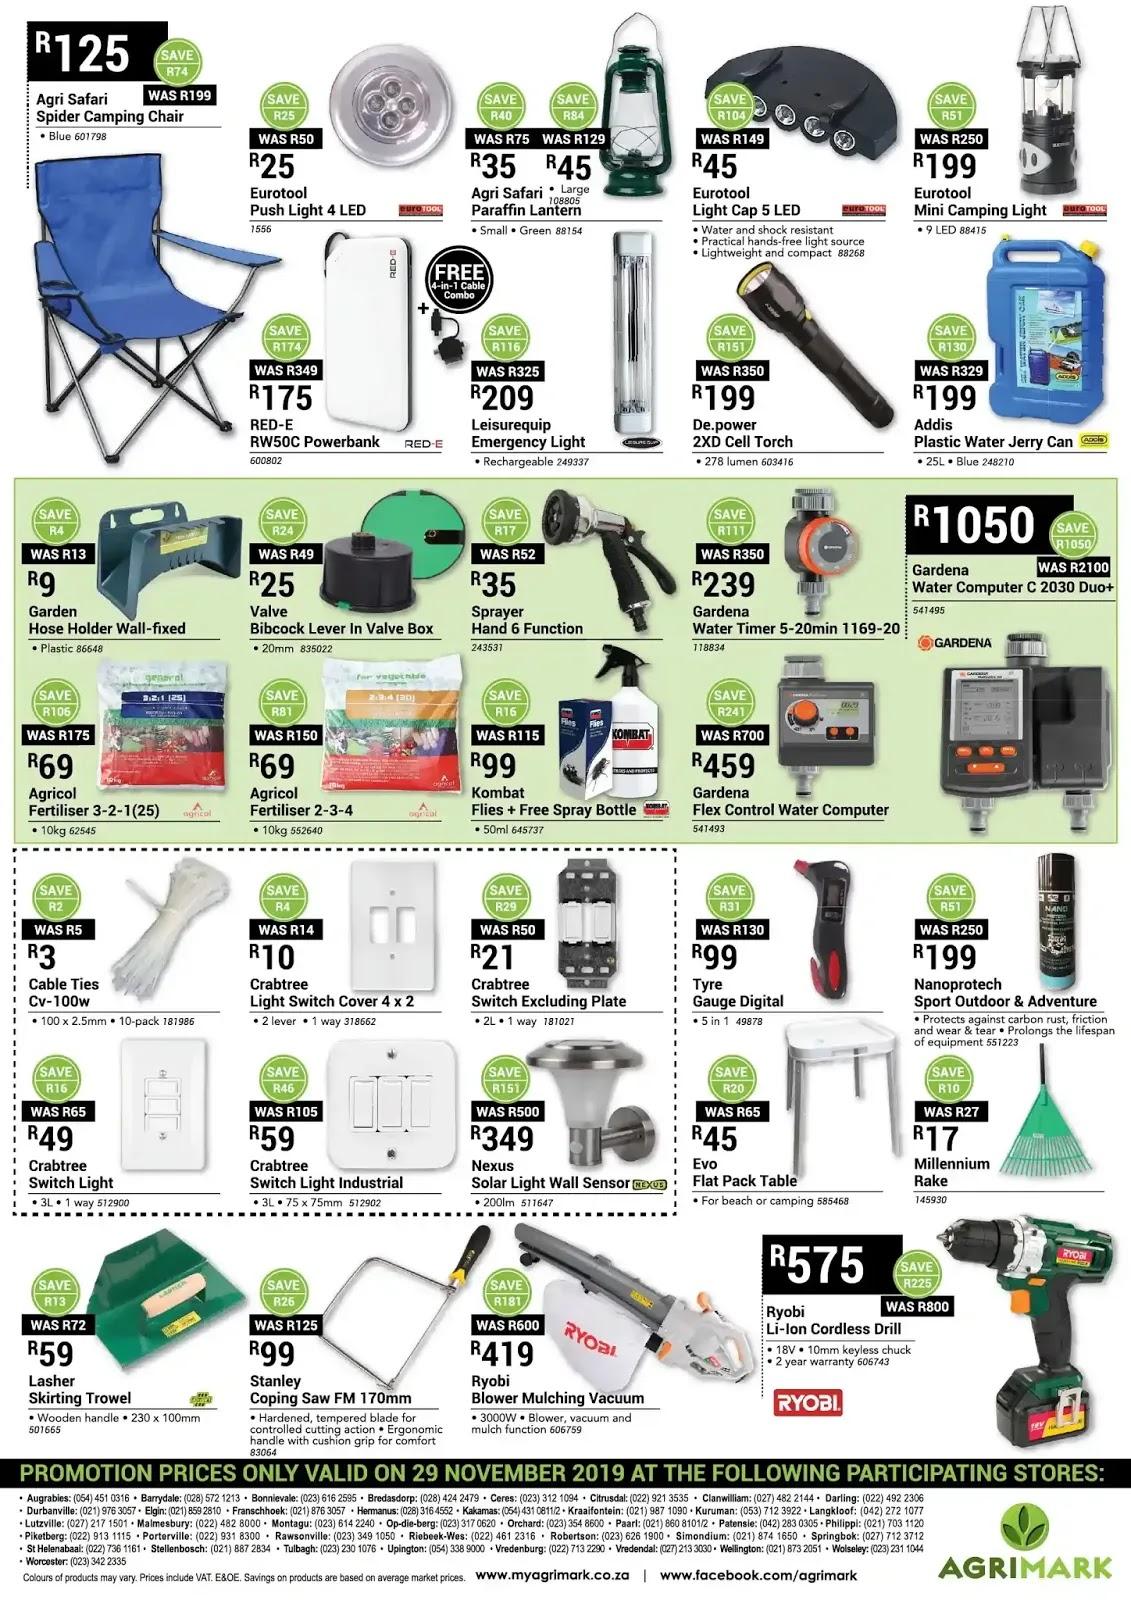 Agrimark Black Friday Deals Page 2